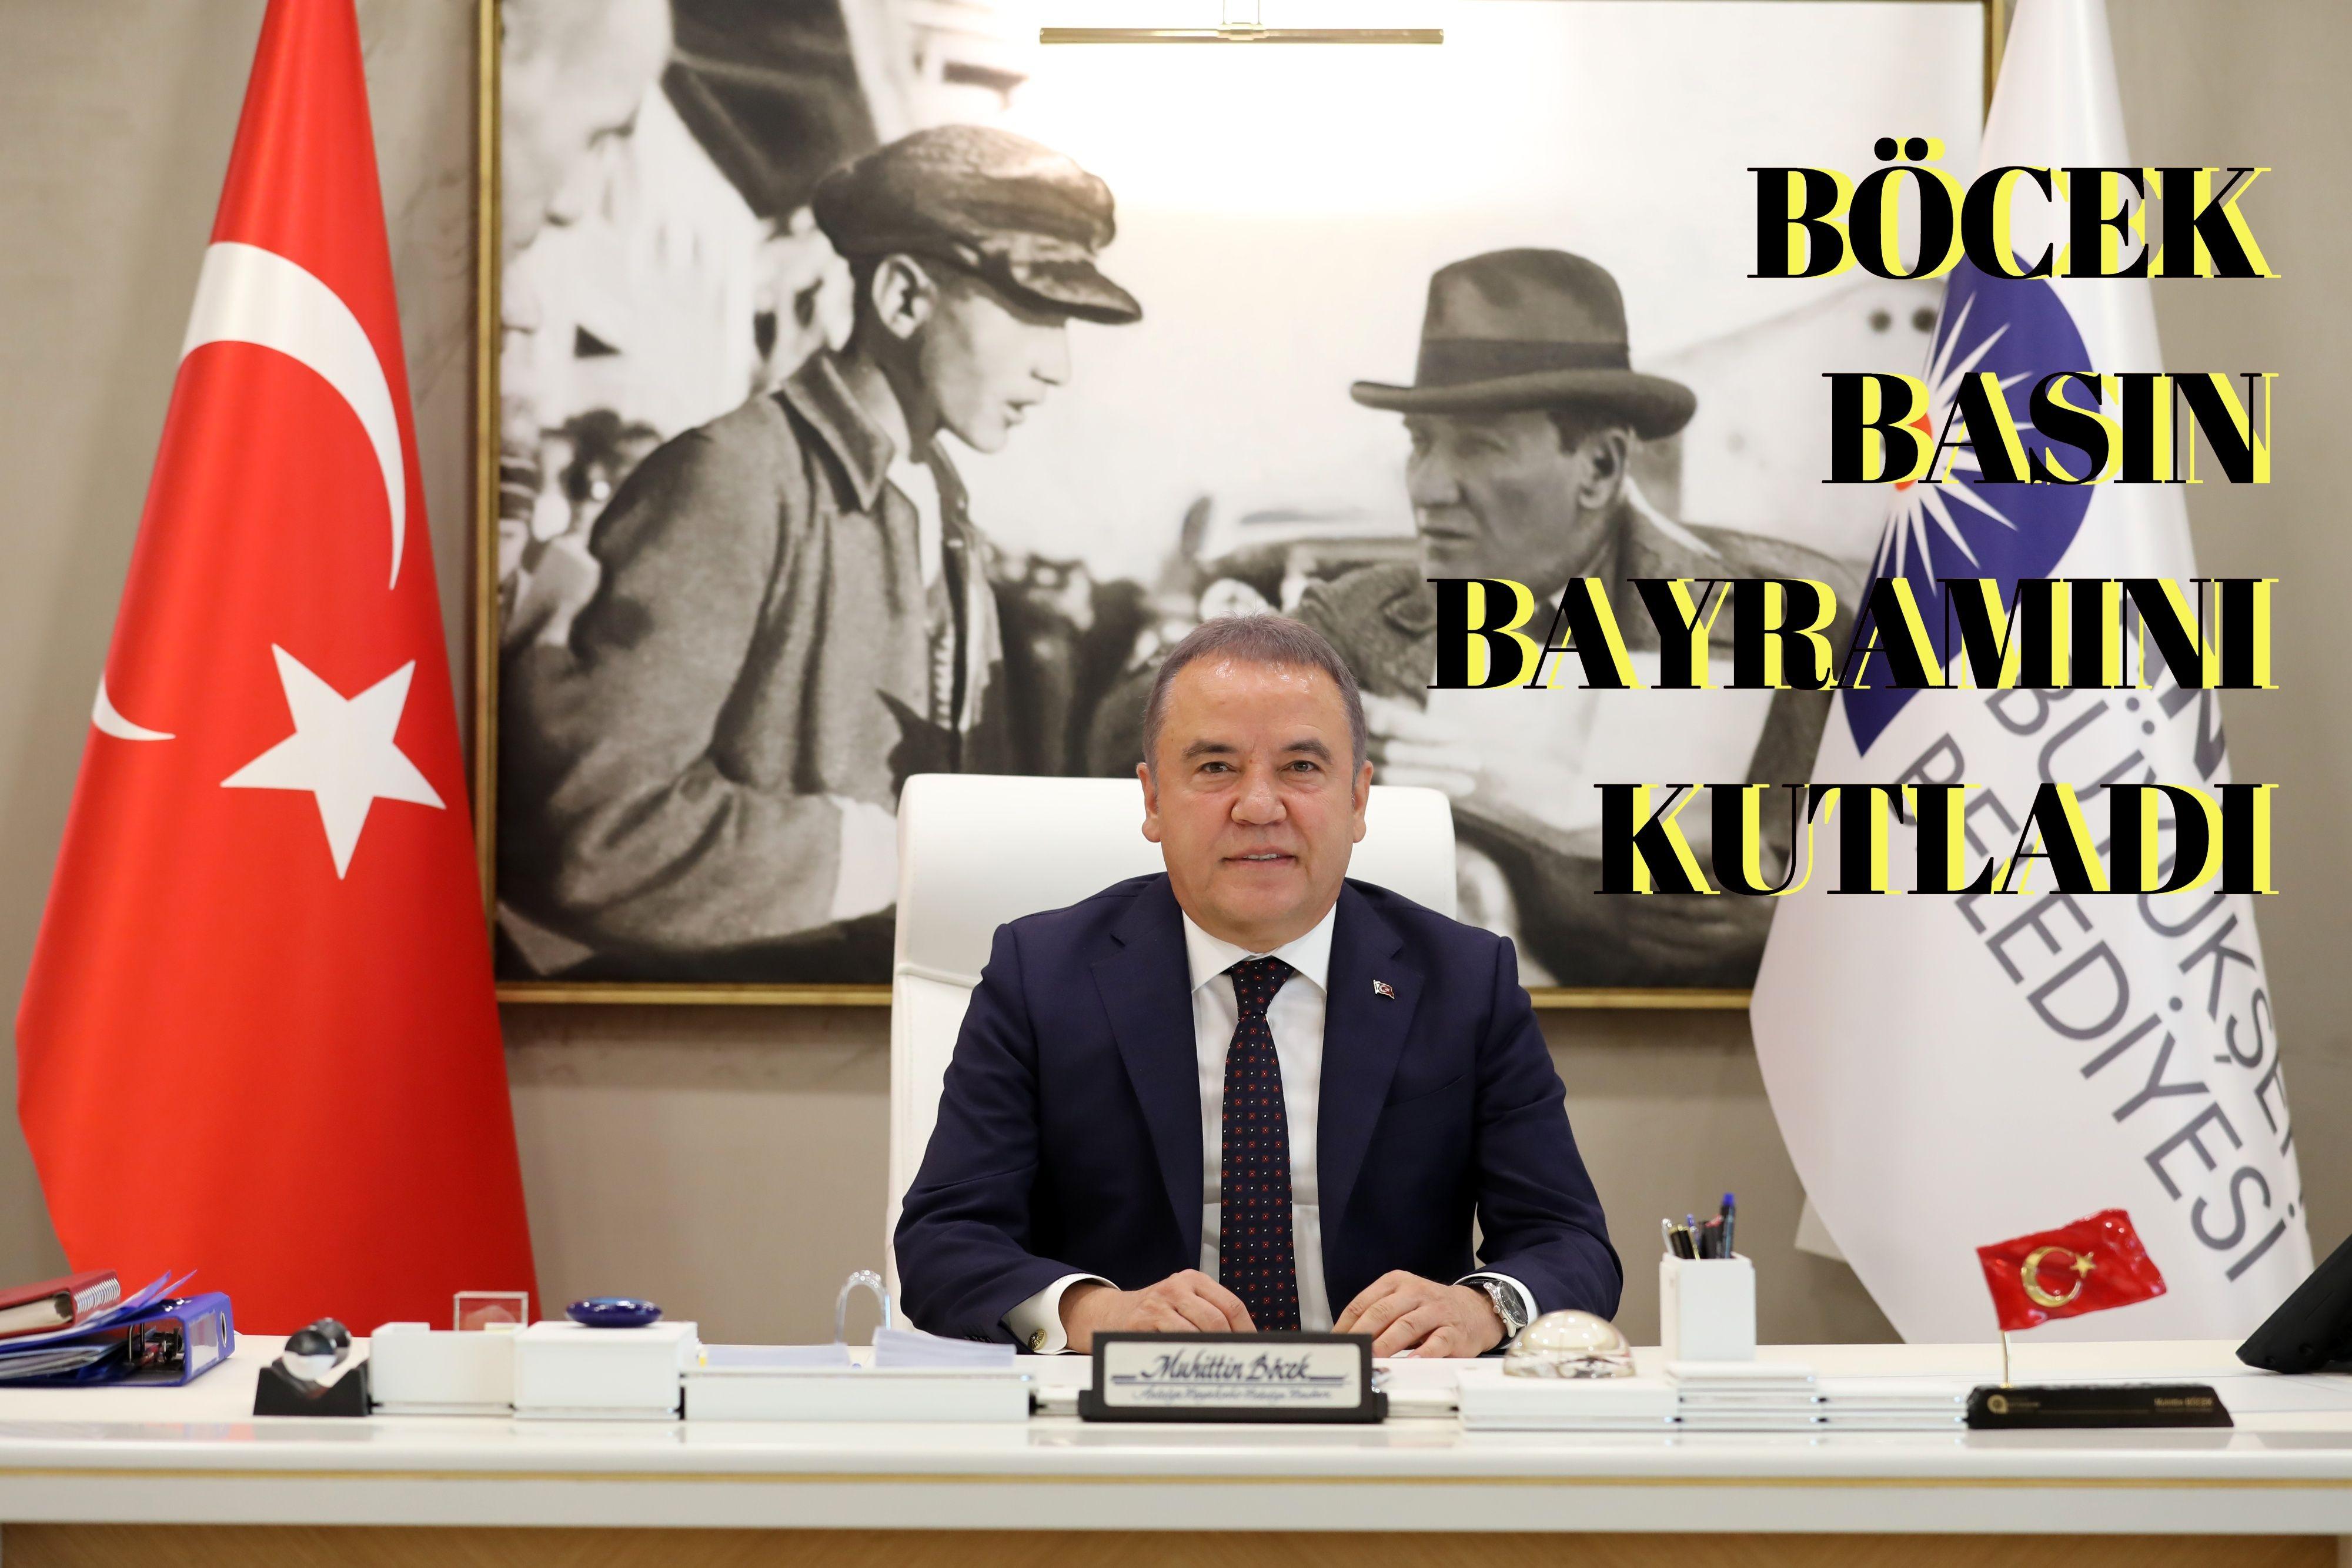 Başkan Böcek, Basın Bayramını kutladı